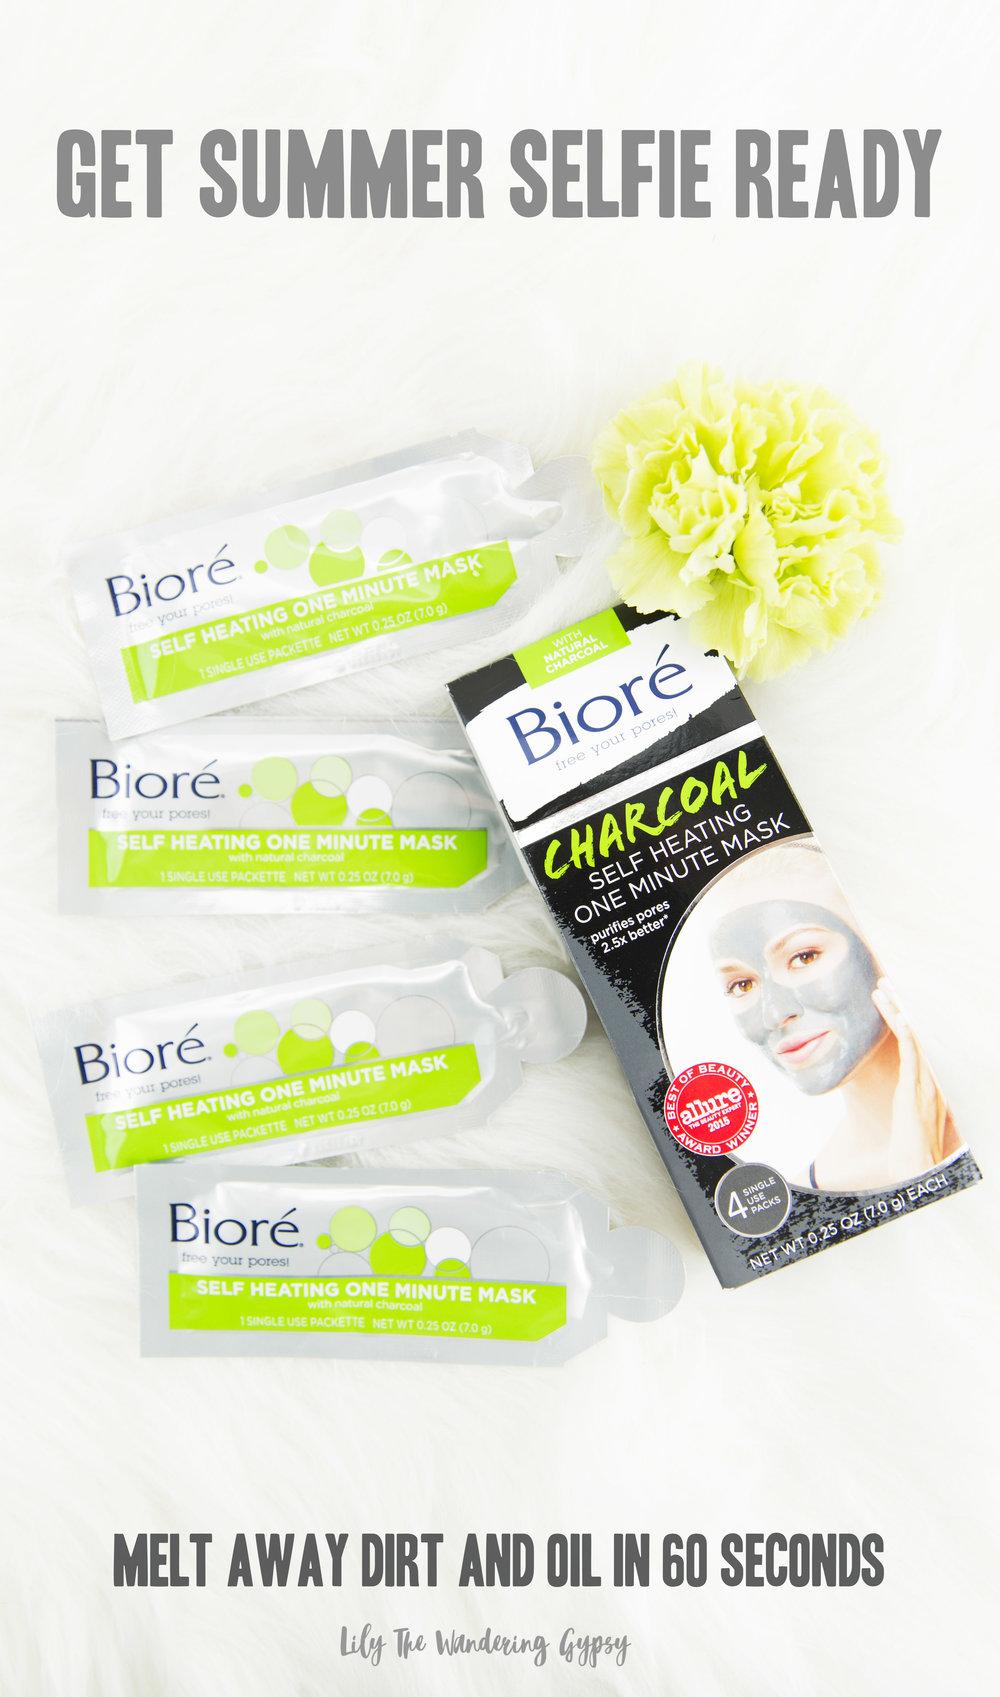 The Bioré One Minute Self Heating Mask